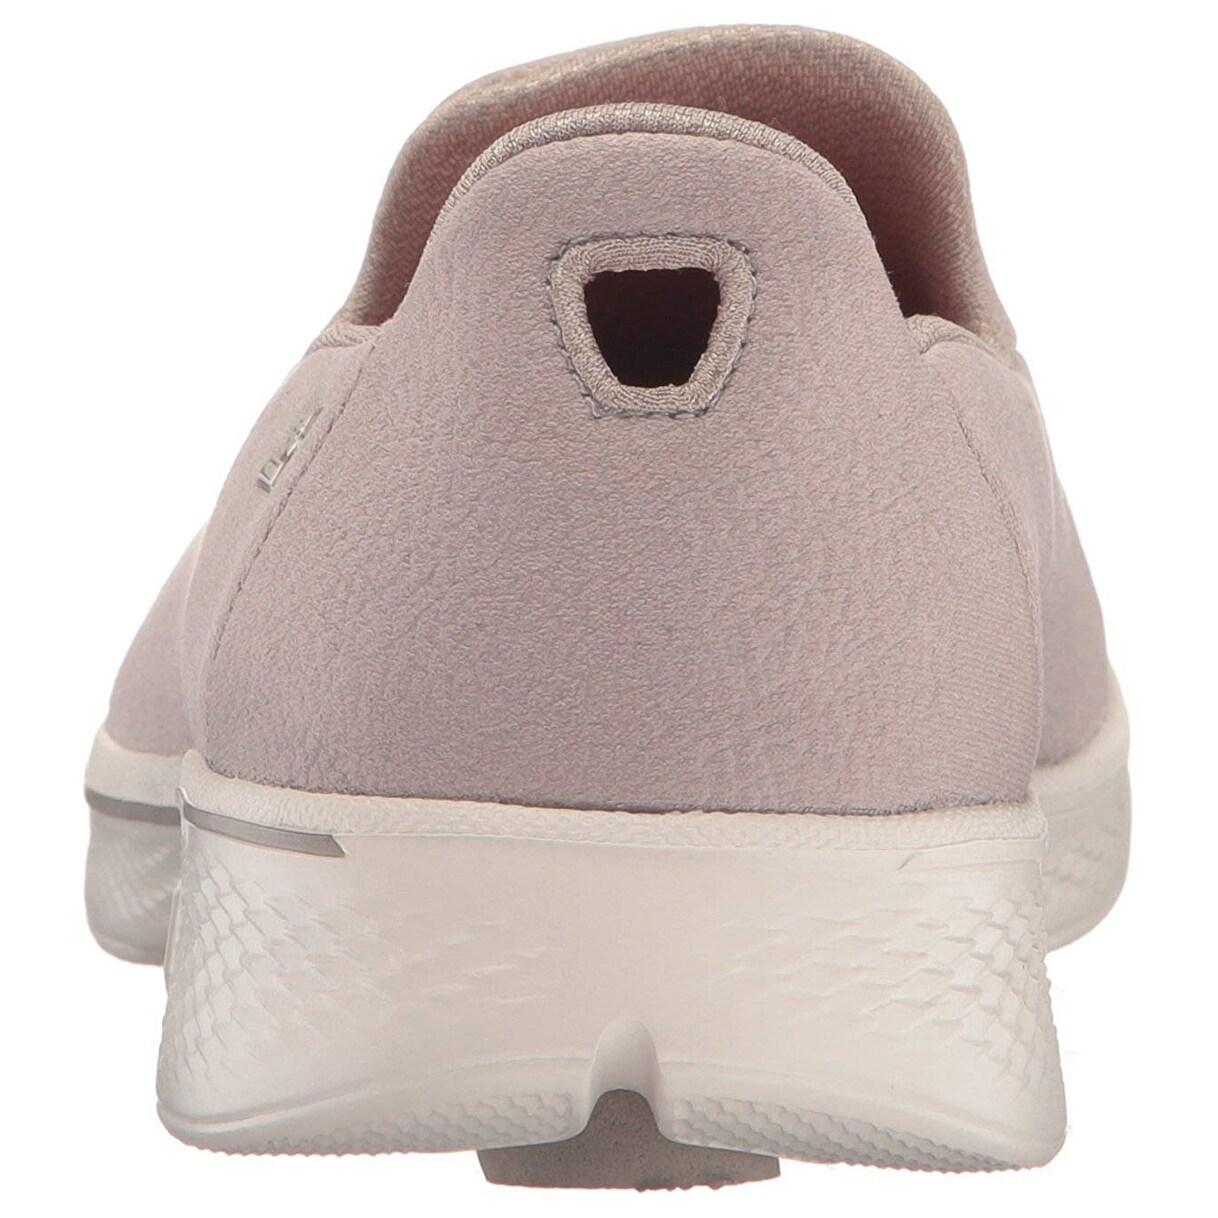 Skechers 14166 Performance Womens Go 4 Inspire Walking Shoe